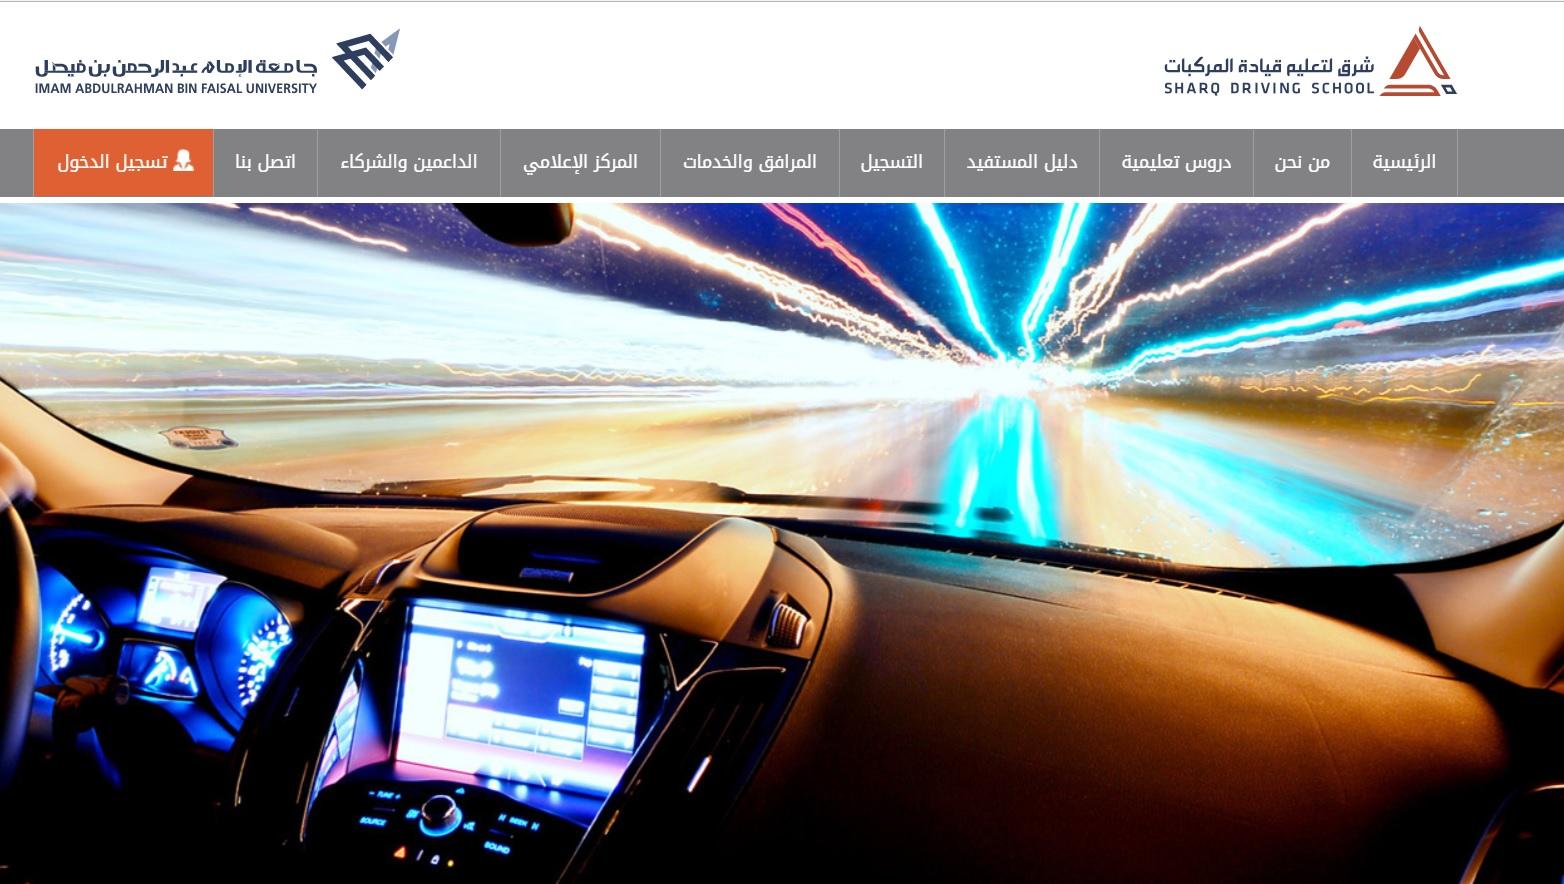 شرق لتعليم قيادة المركبات جامعة الإمام محمد بن فيصل سيارات سيدتي